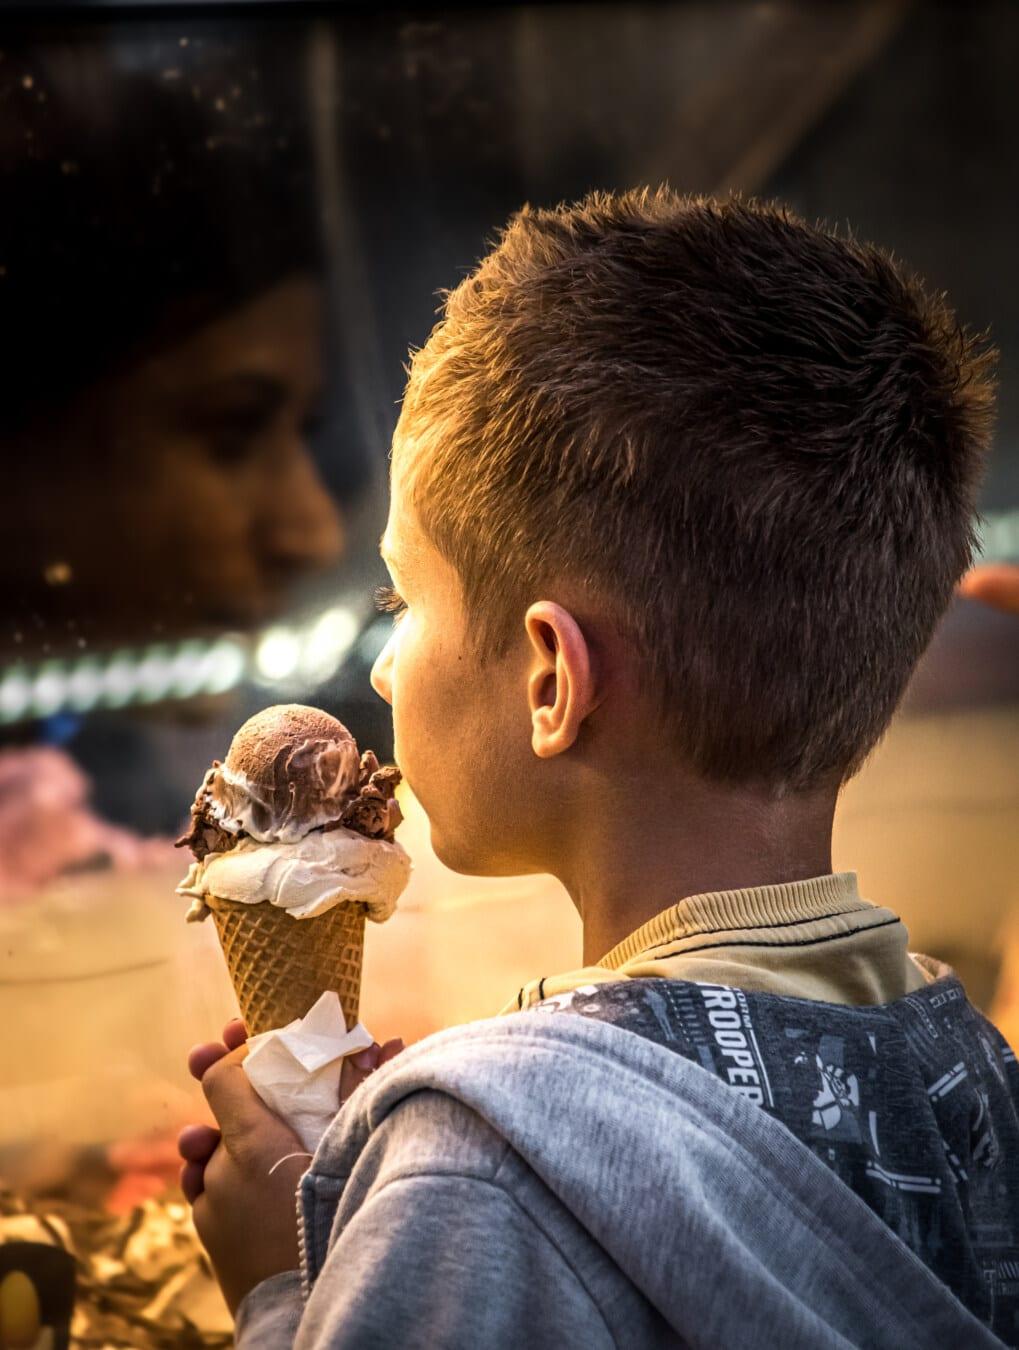 Junge, liebenswert, blonde Haare, Ice cream, Essen, Porträt, Essen, untergeordnete, Schokolade, Adoleszenz